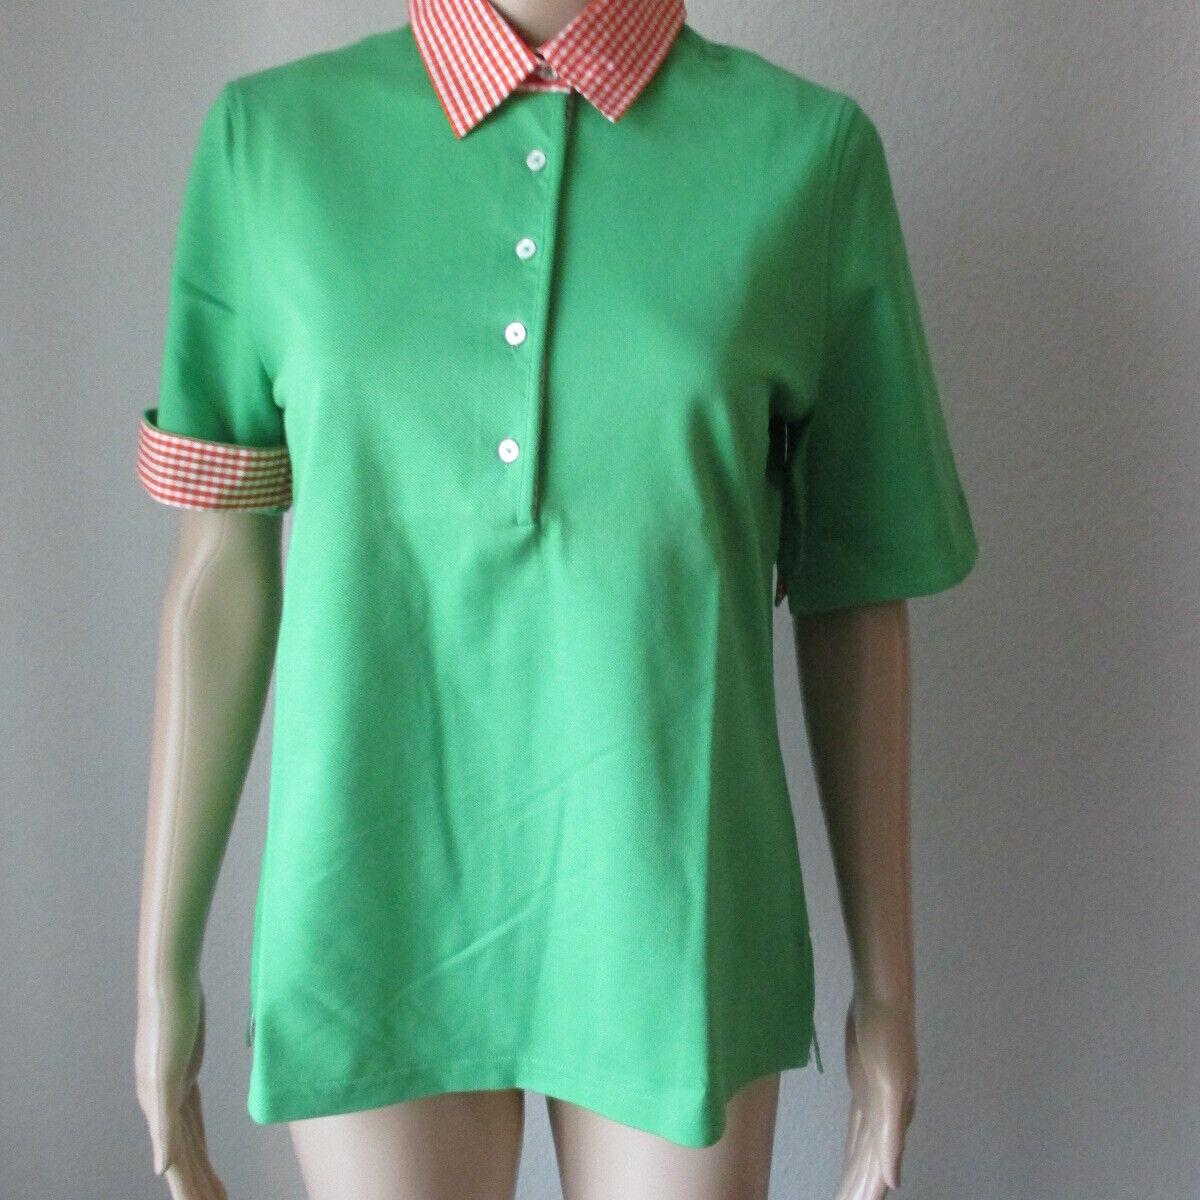 B. M. Company Polo Shirt mit Knopfleiste in grün mit kariertem Kragen, Größe 36